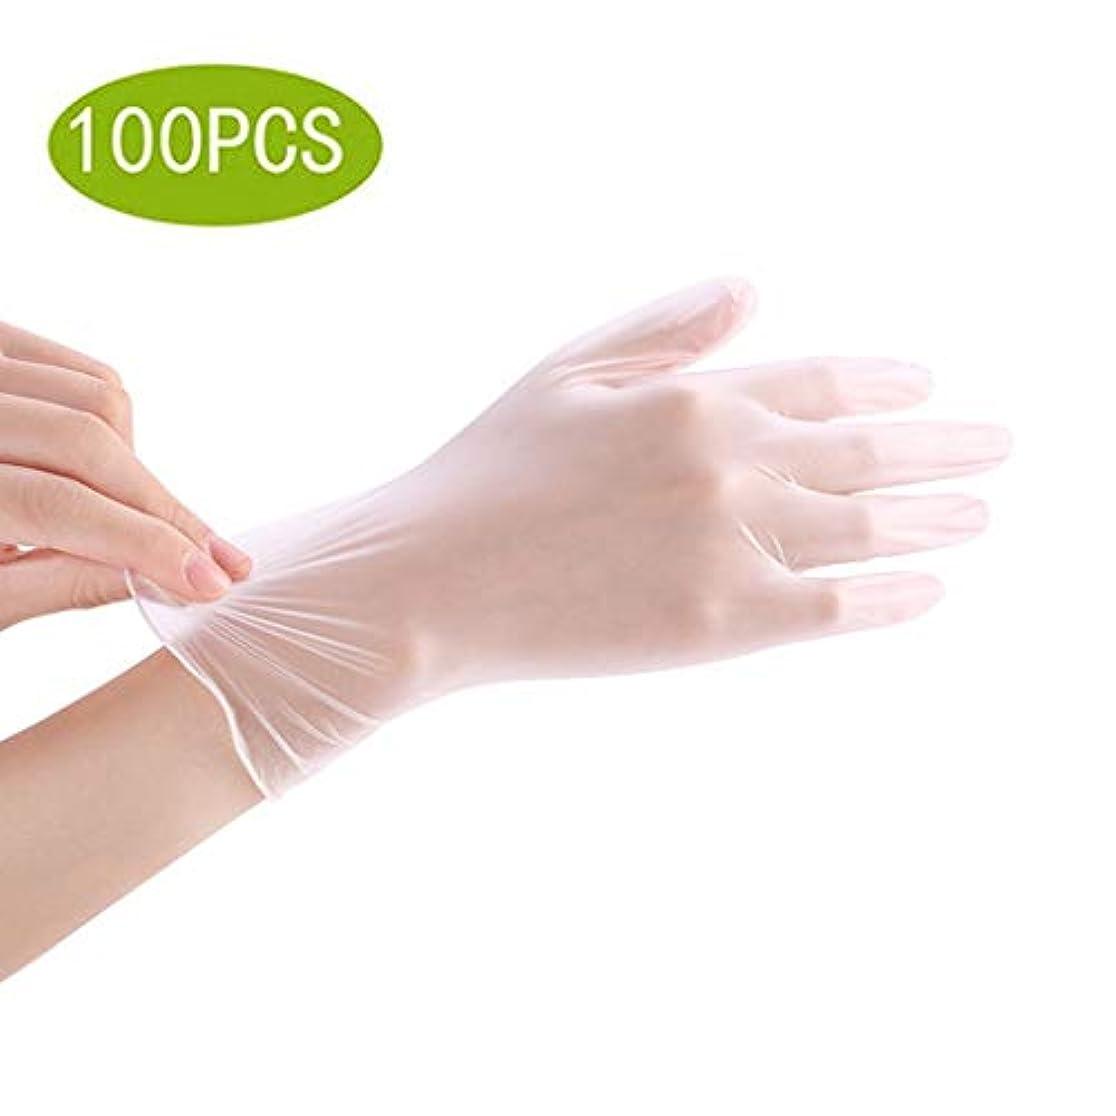 マント隣接する国歌ビニールの使い捨て手袋 - 透明、3ミル、パウダーフリー、試験、無菌、中100个/箱 (Size : M)